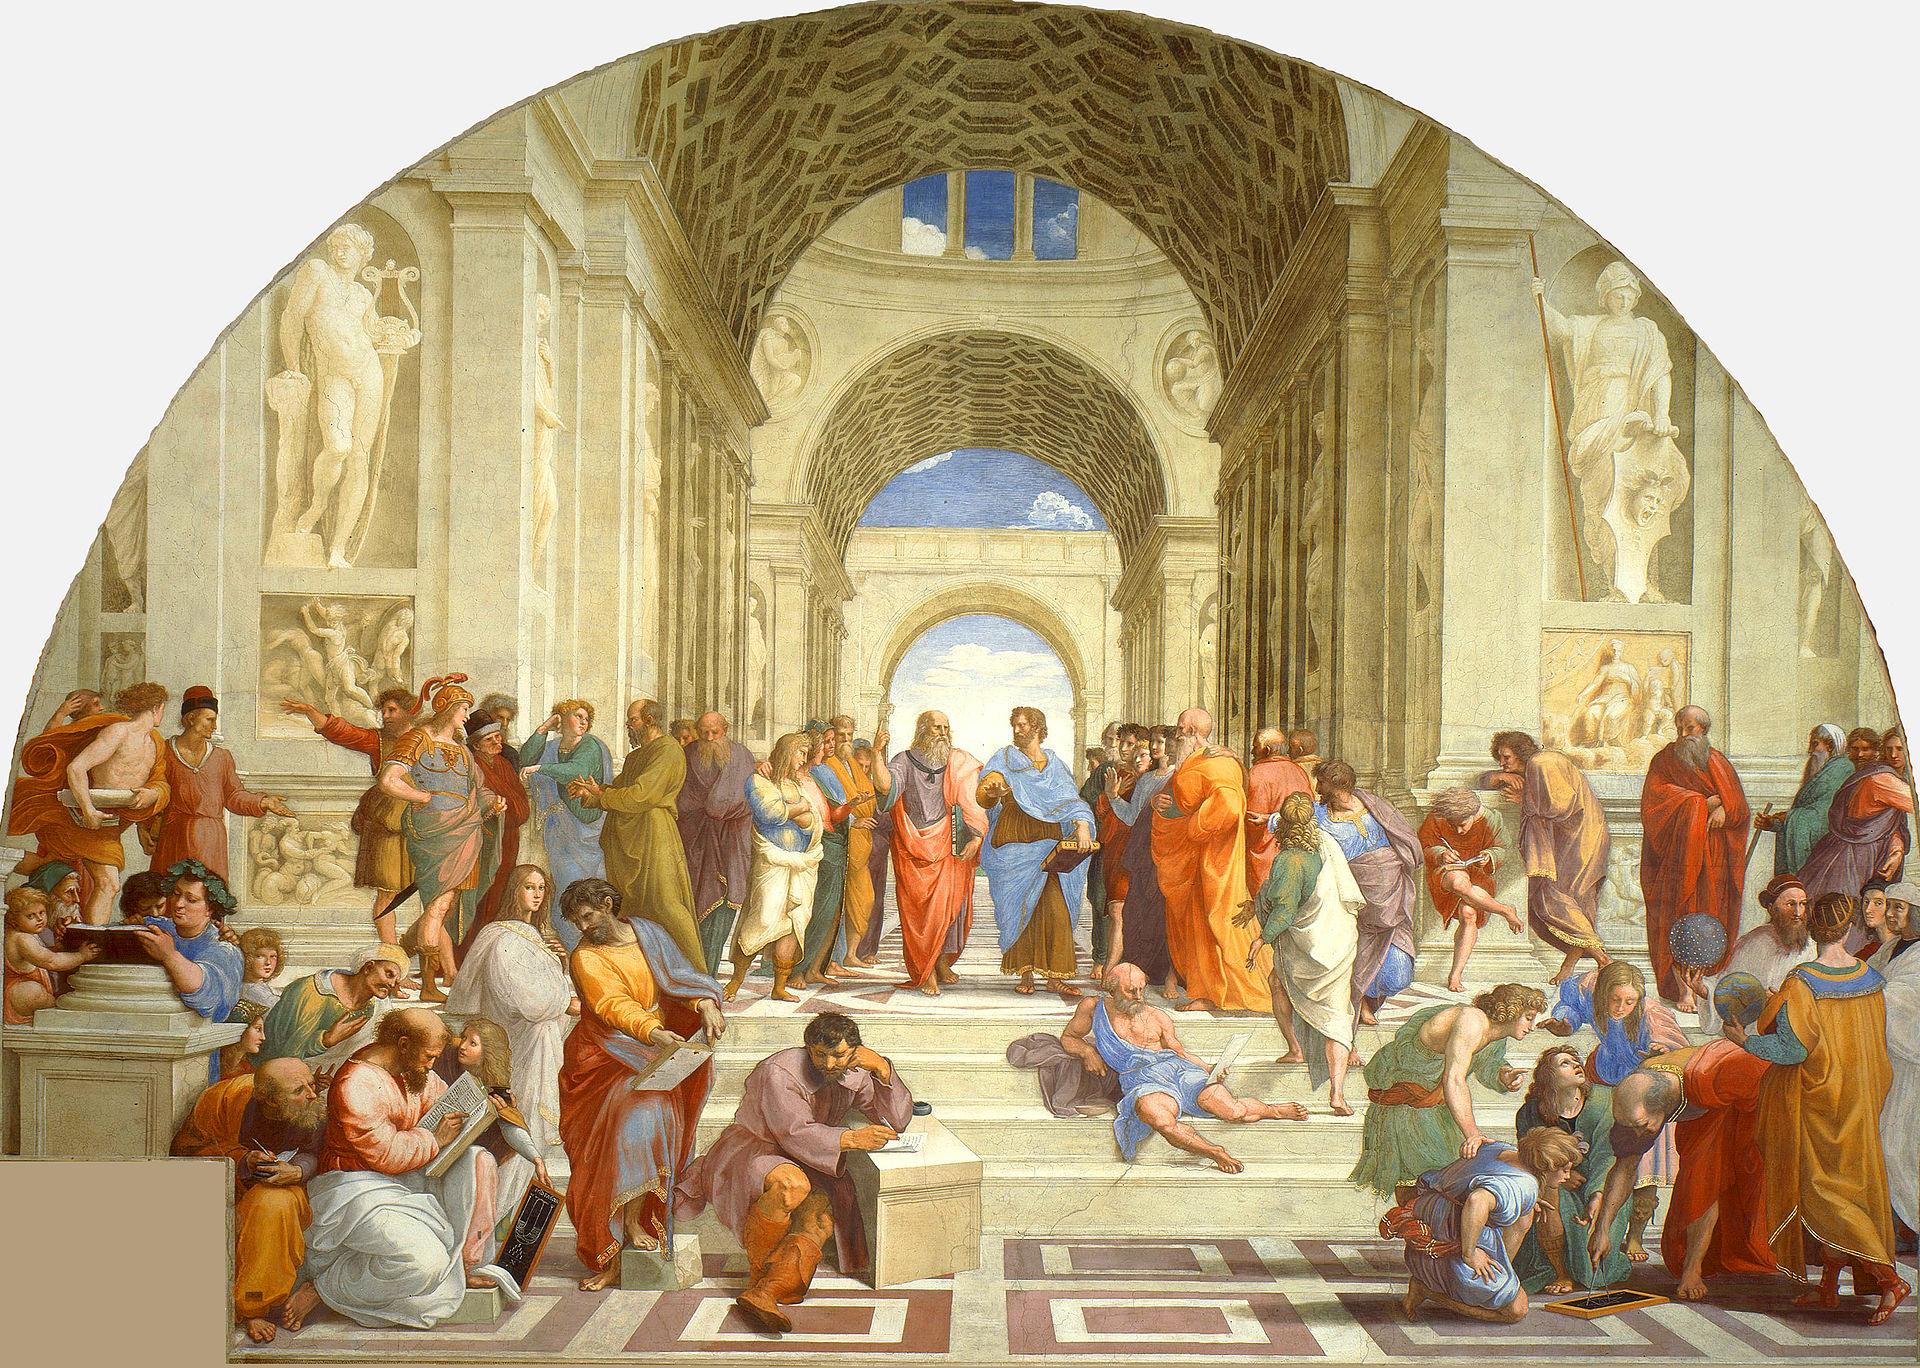 Observa cómo Rafael dividió La escuela de Atenas en dos mitades perfectamente equilibradas